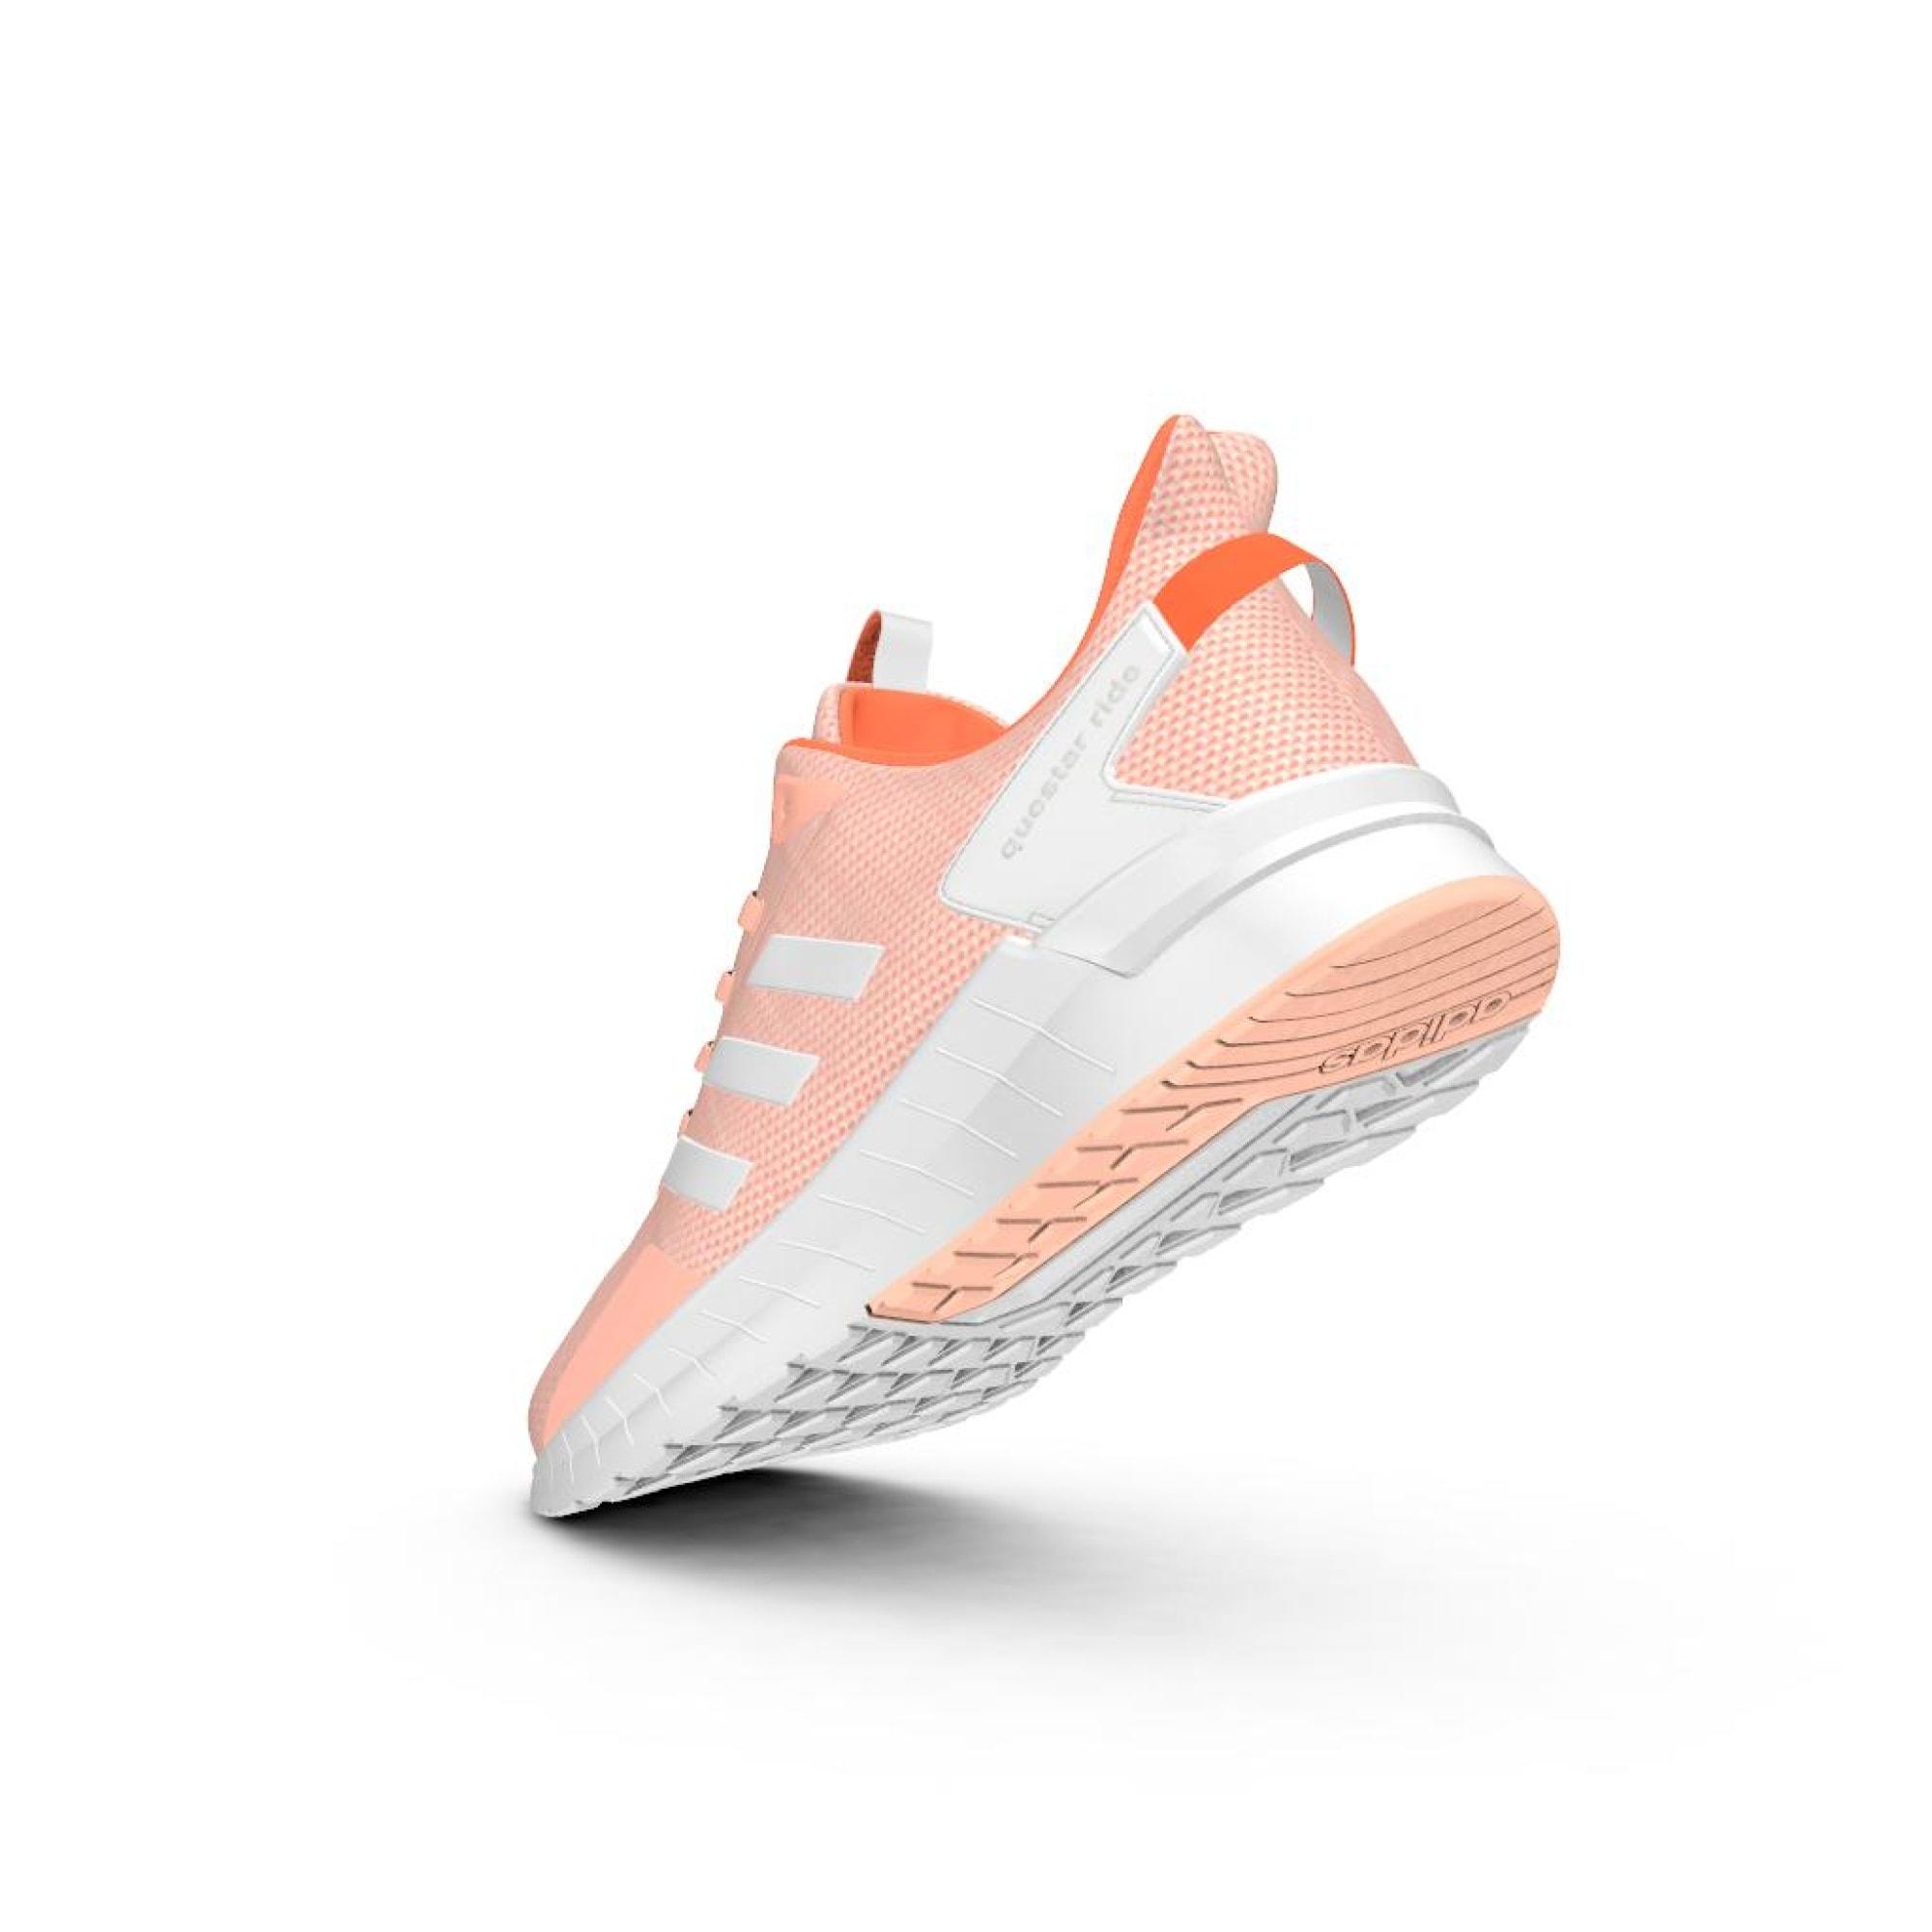 Adidas Questar Ride Sko Haze Coral Tights.no